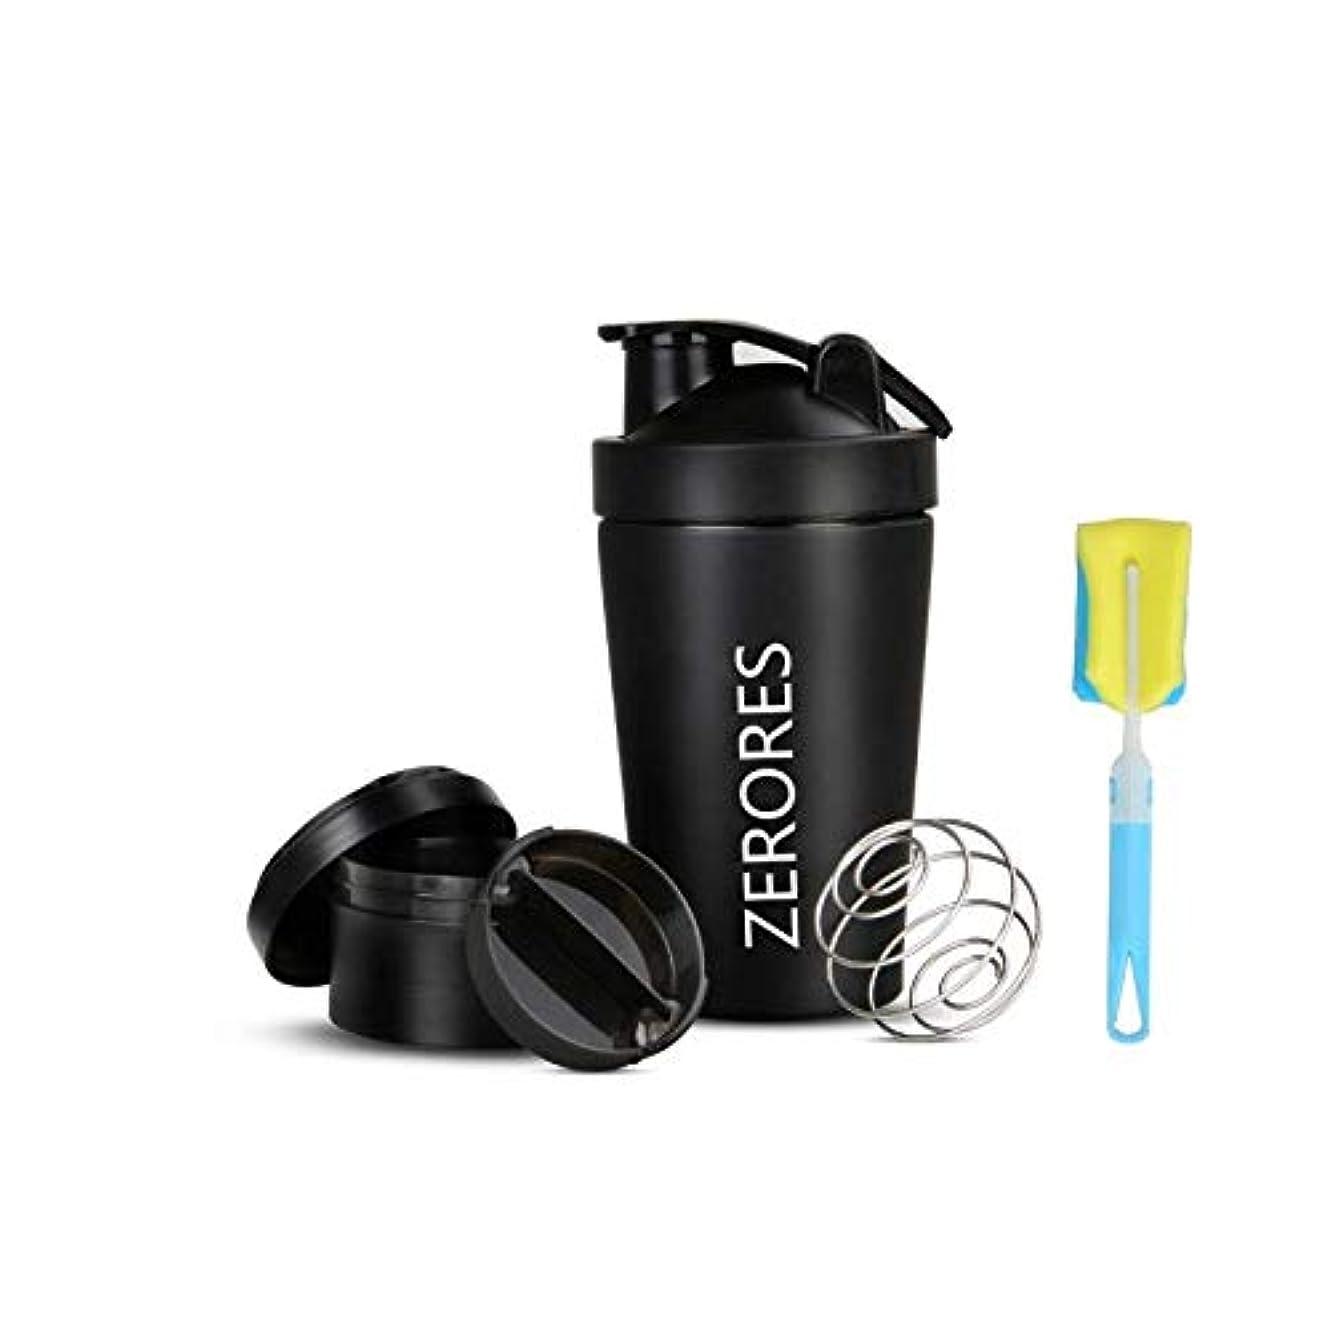 孤独酸っぱい八百屋ZERORESステンレススチールスポーツウォーターボトルシェーカーカップ、漏れ防止、BPAフリー(黒い) 600ML